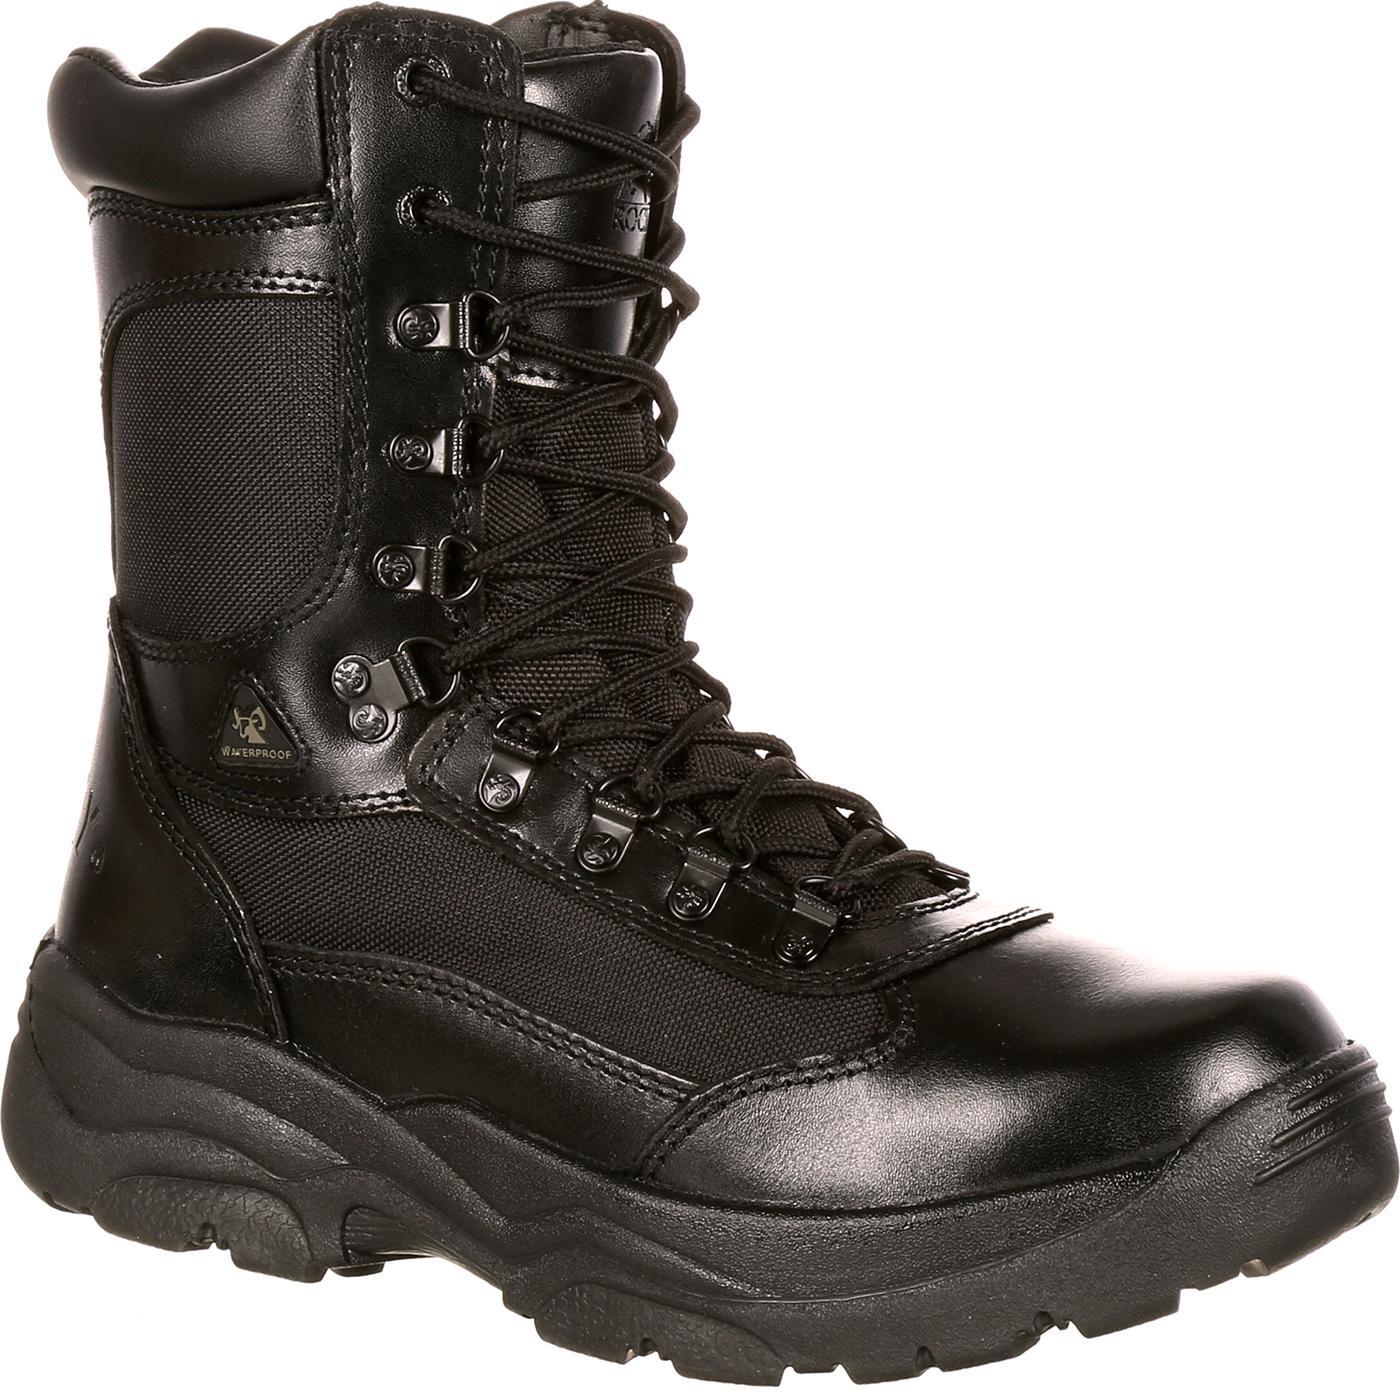 Rocky Fort Hood Zipper Waterproof Duty Boot, , large